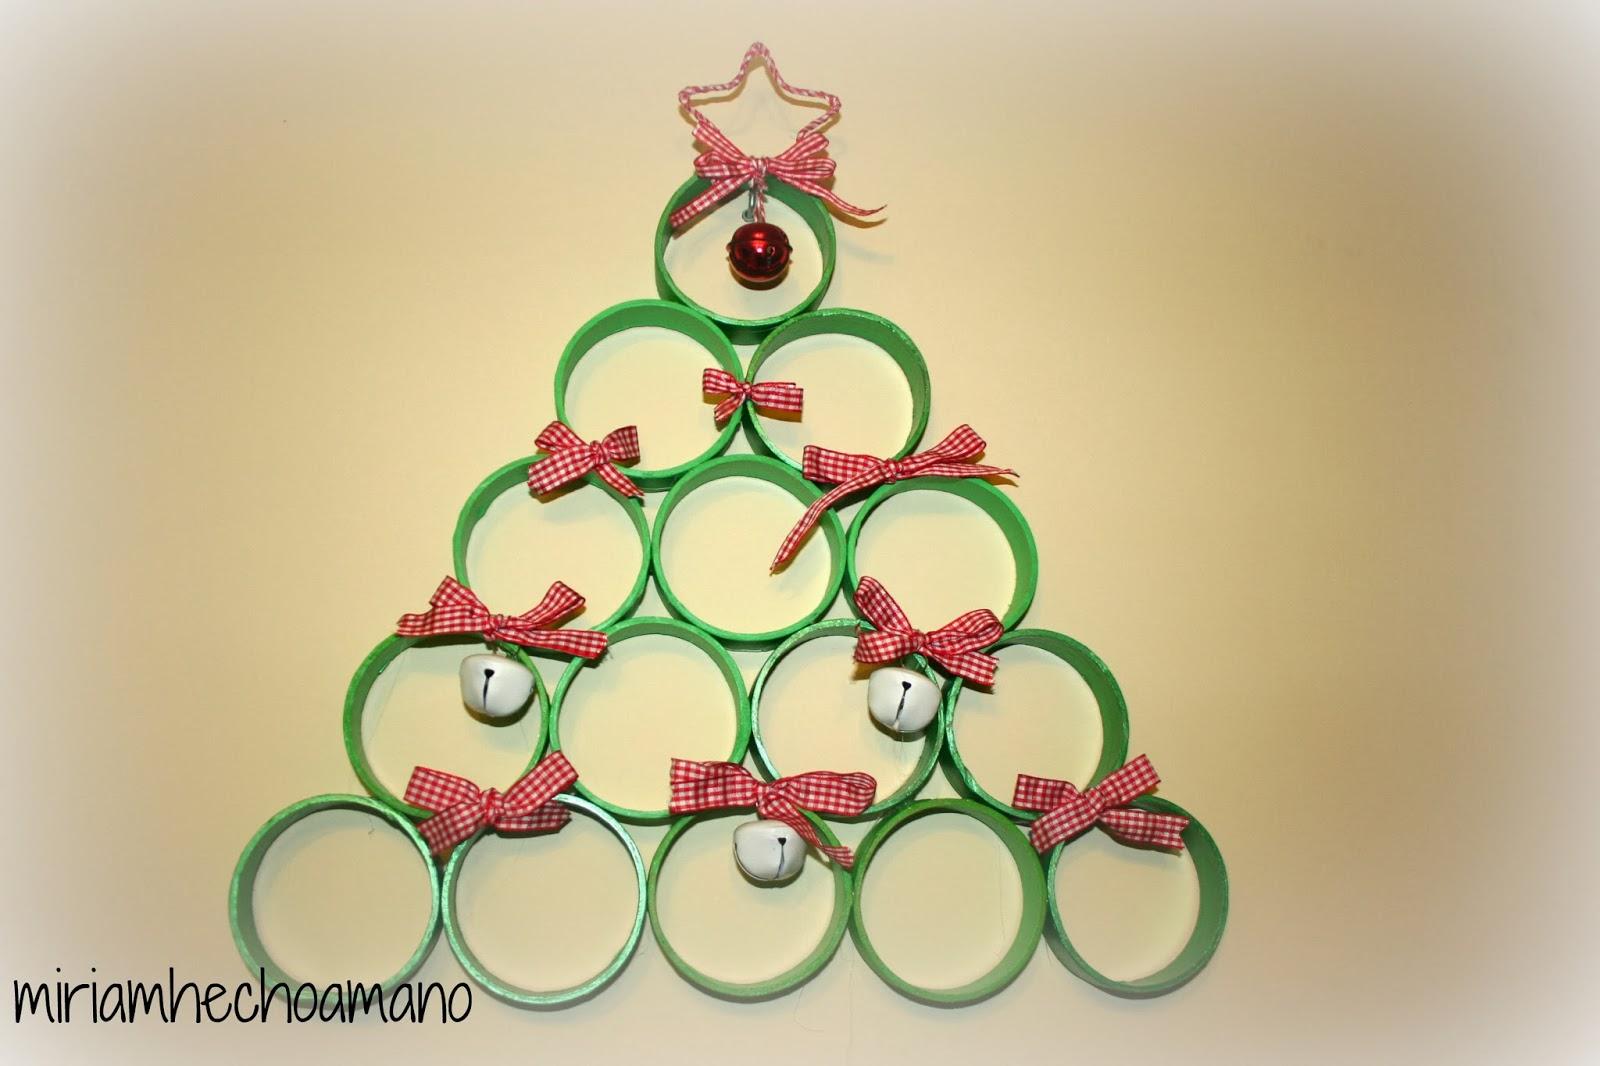 Miriam hecho a mano viernes diogenero adorno navide o - Centros de mesa navidenos hechos a mano ...